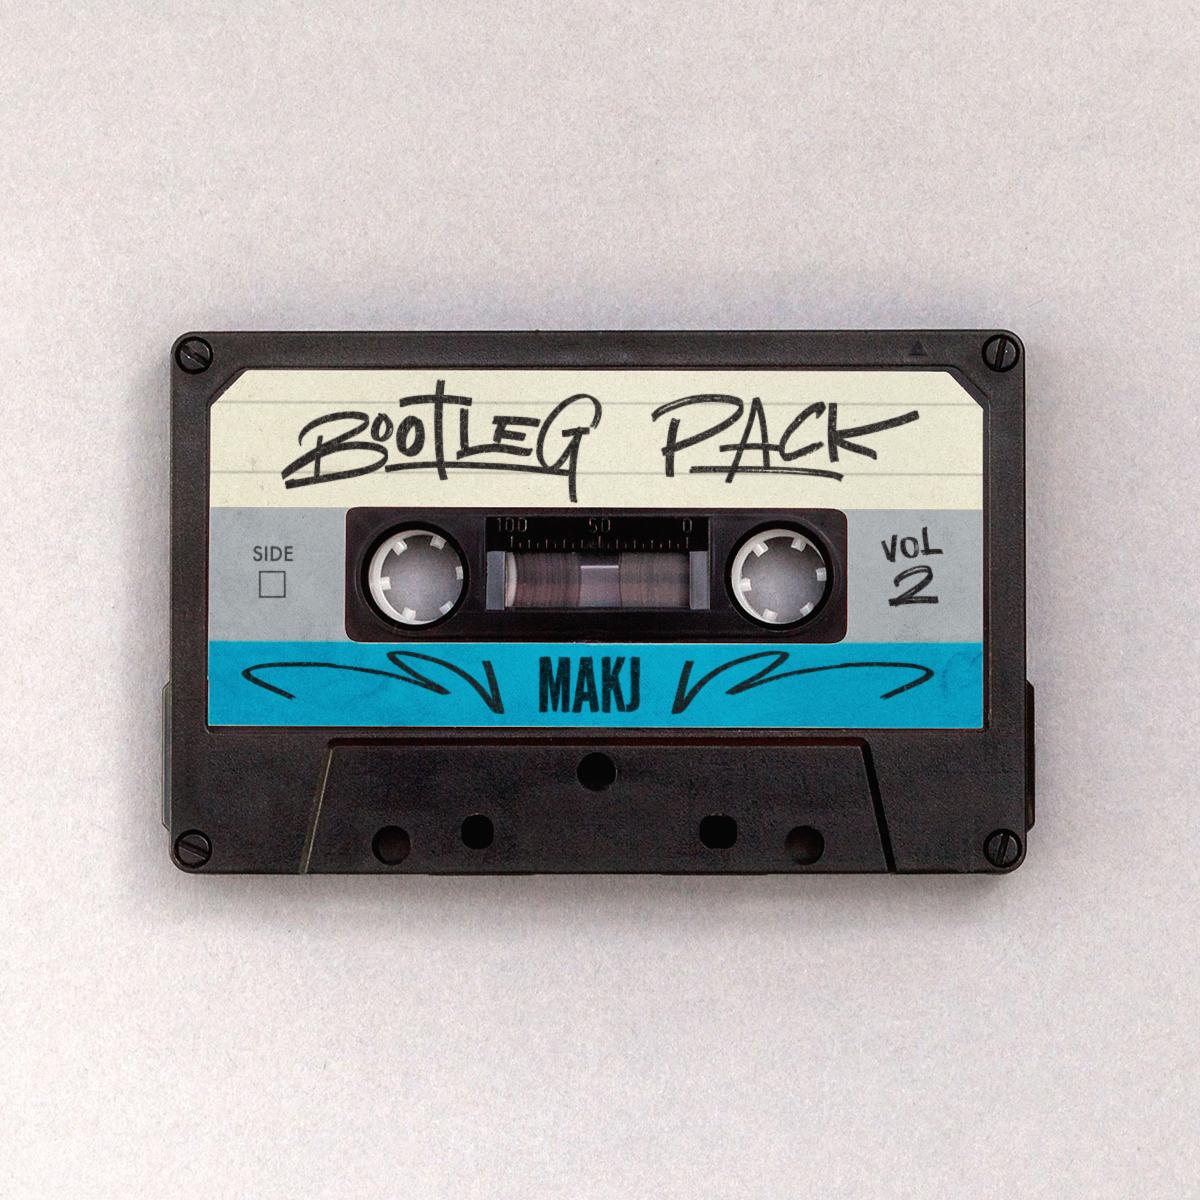 BootlegPackVol2.jpg